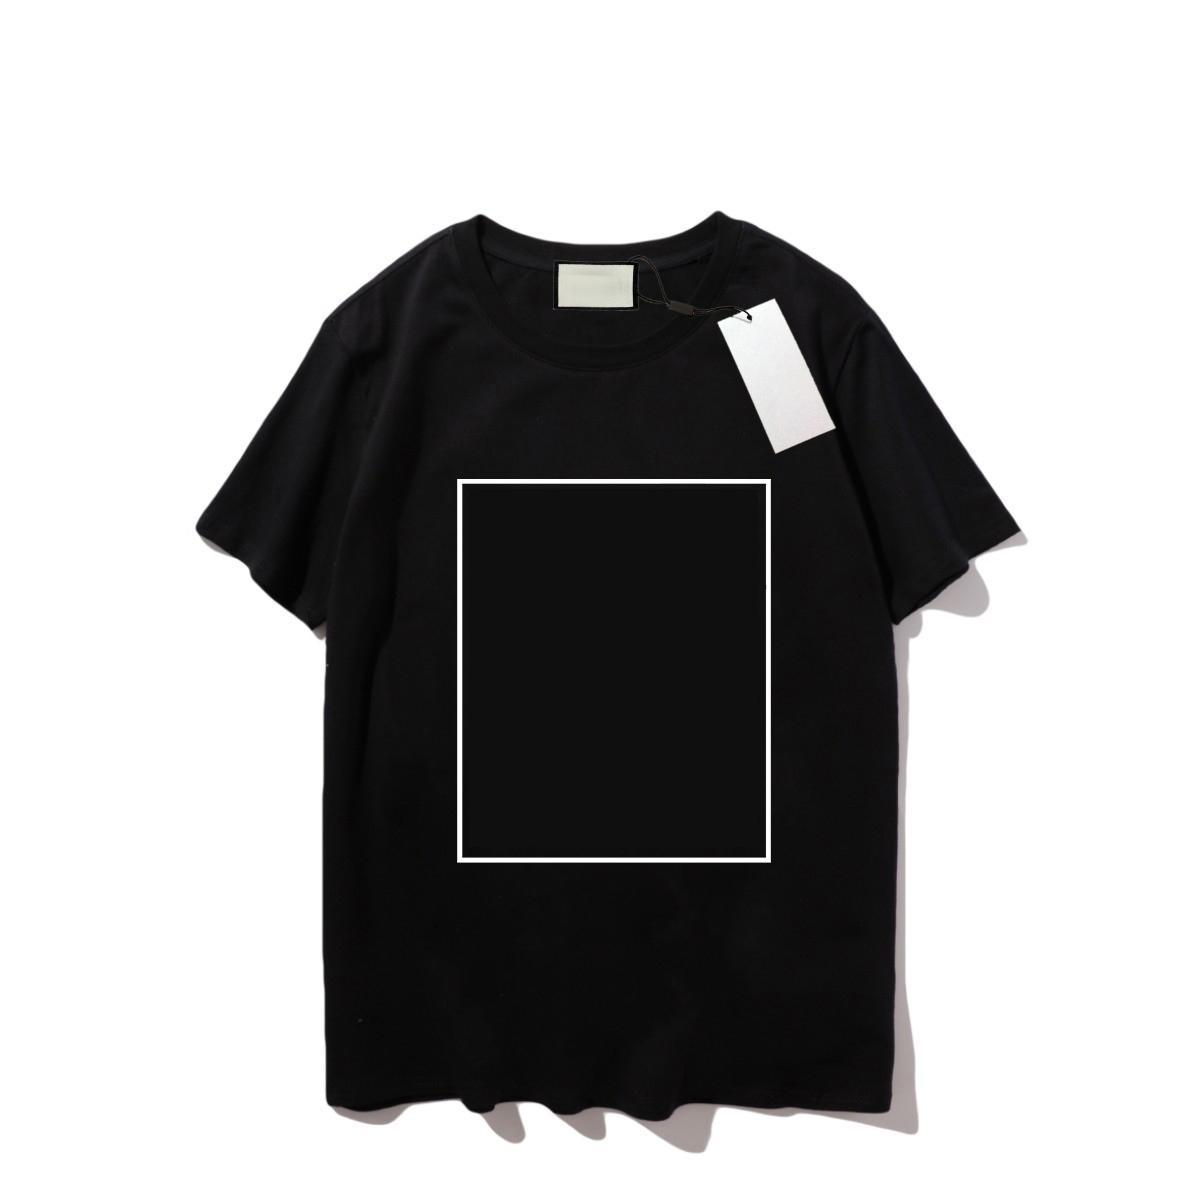 21SS T-shirt d'été Mode Mode T-shirt Vêtements Broderie Personnalisé Tee Street 24Couleurs Styles Modèle de lettre Imprimer Mens manches courtes respirantes